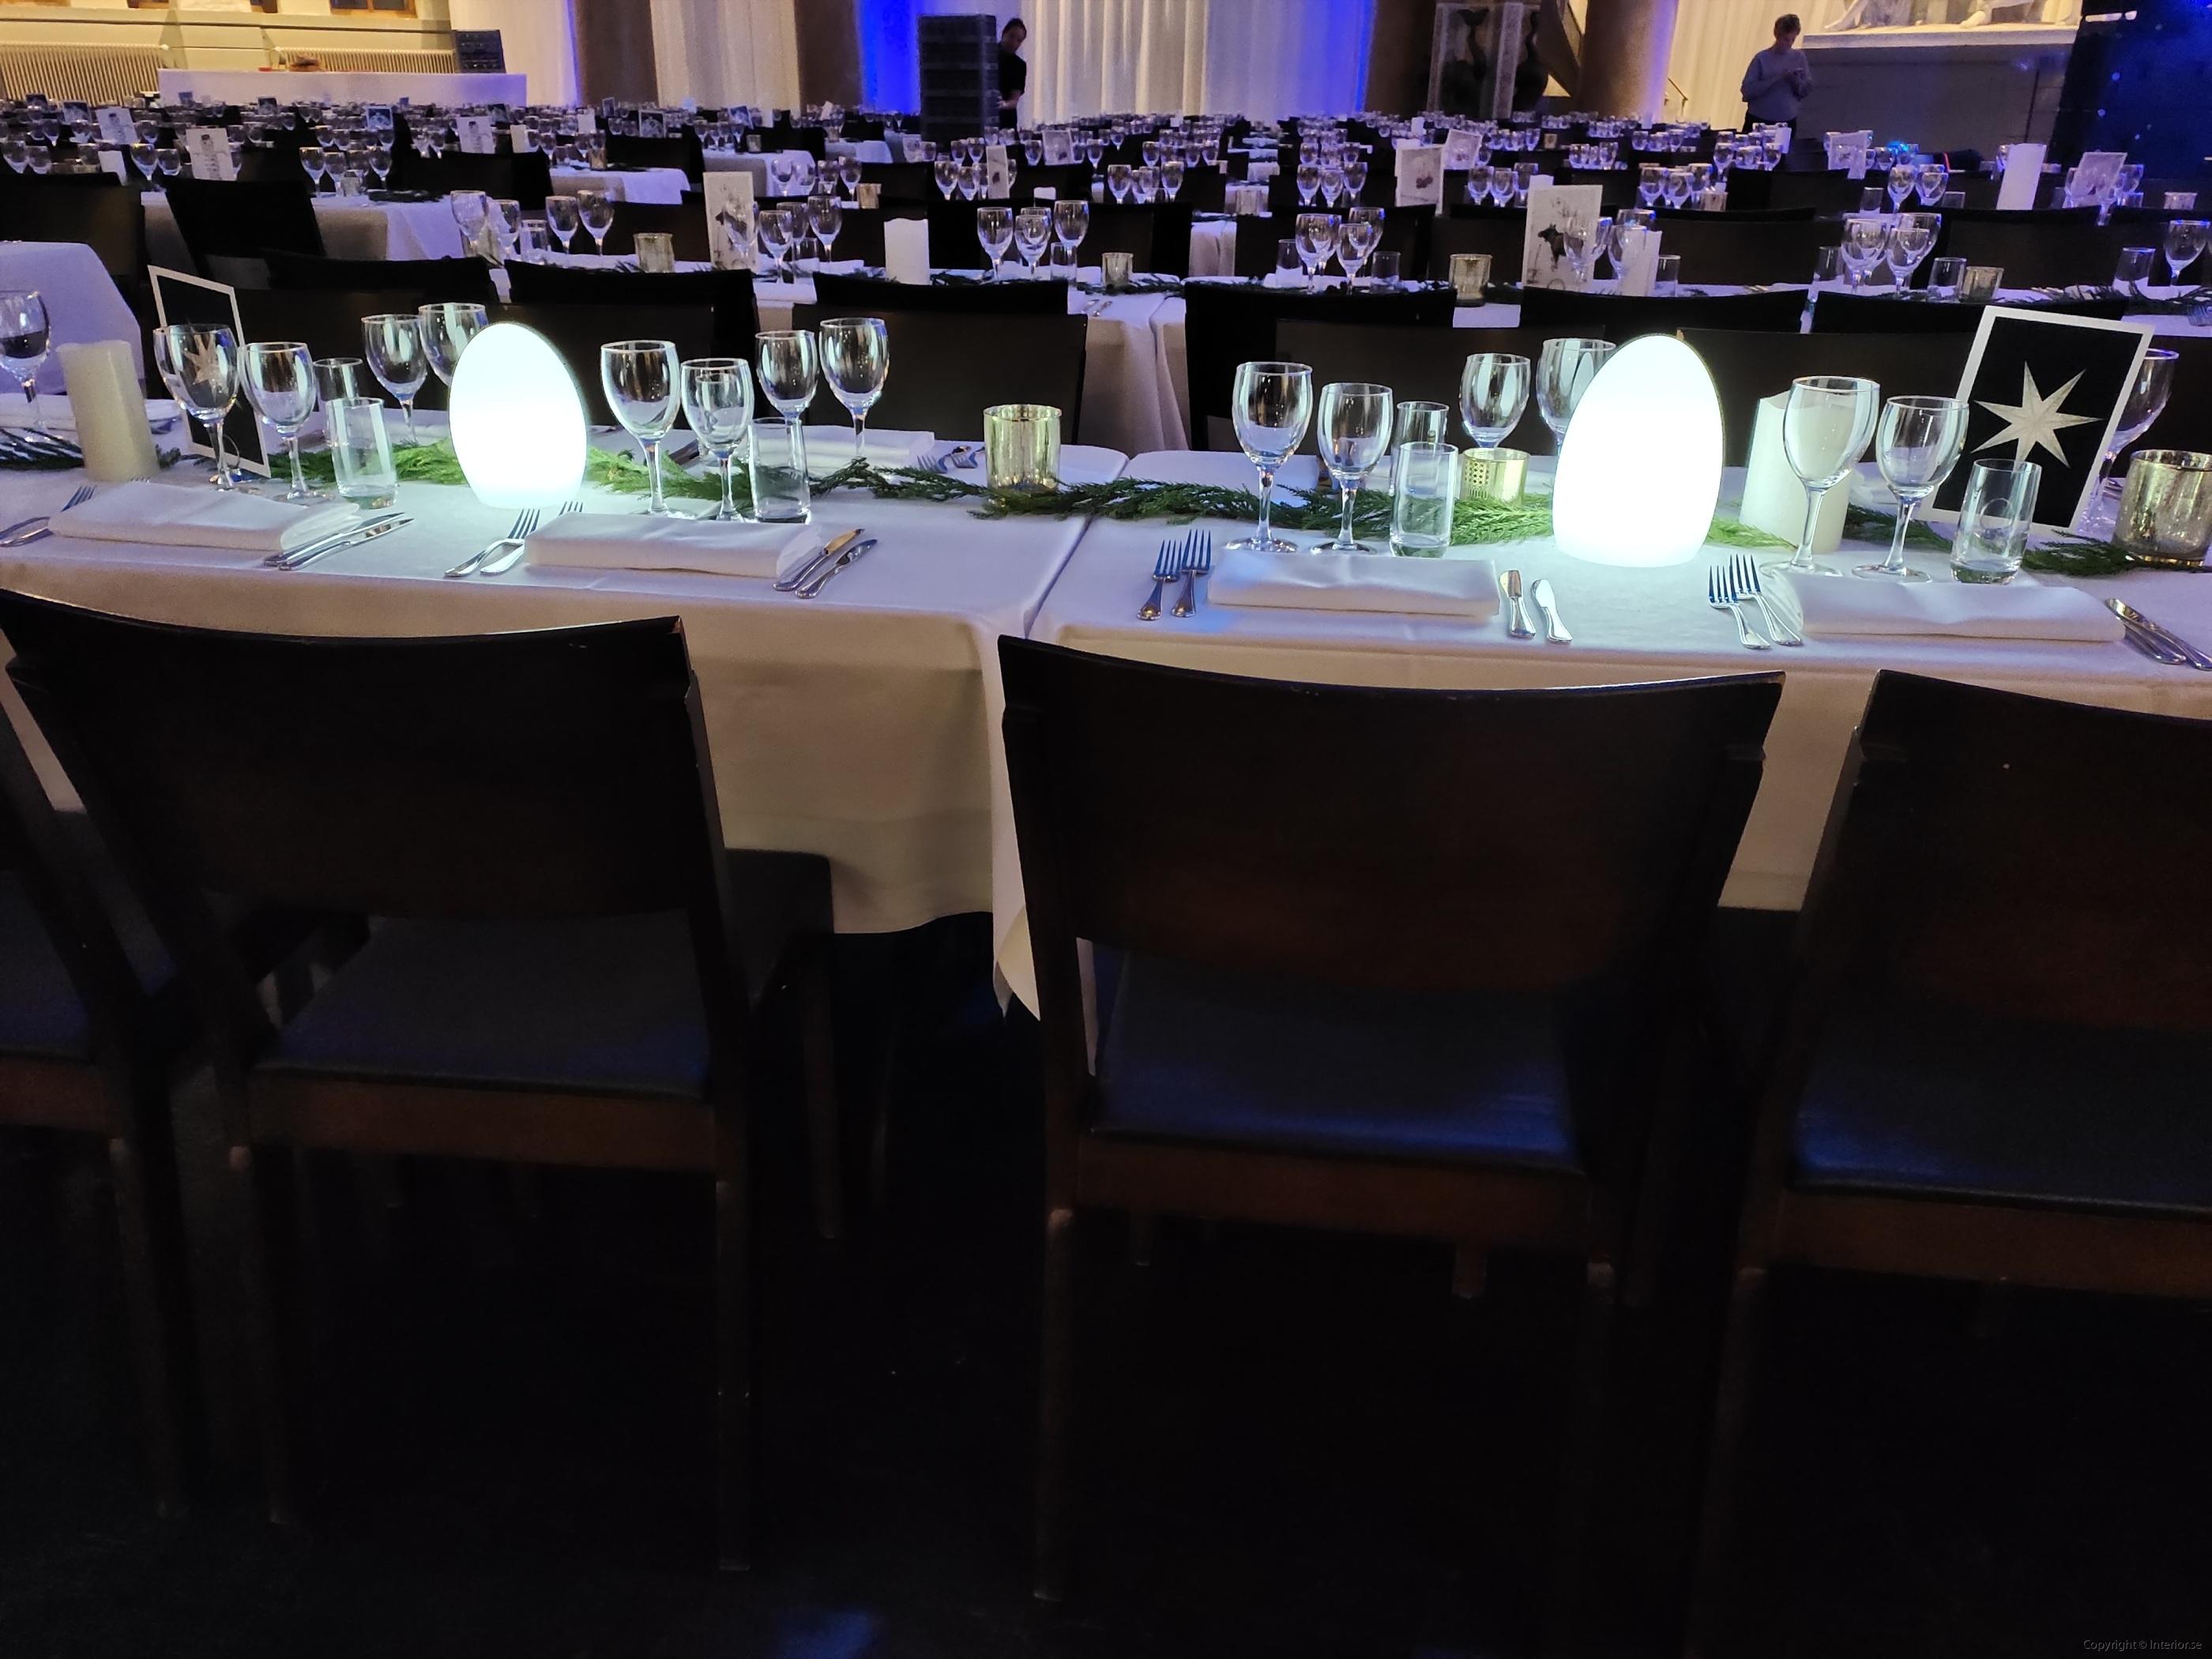 bordslampa LED hyra ljus värmeljus middags lampa event (3)